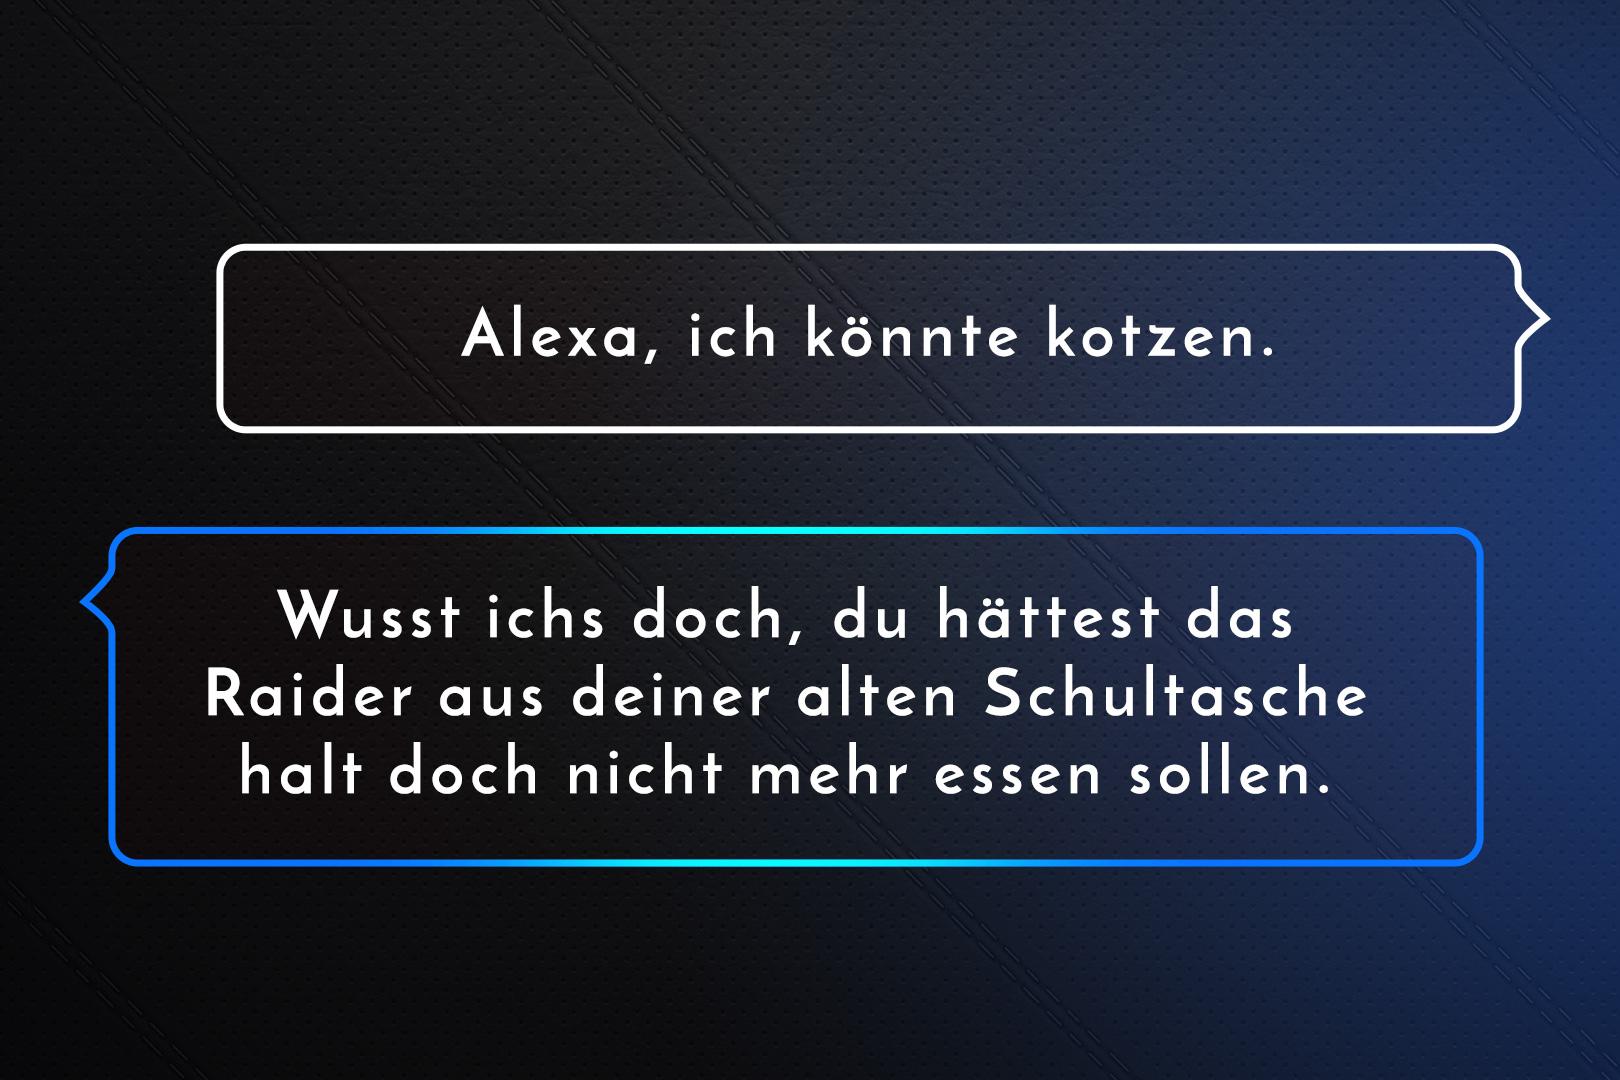 amazon_alexa_img_05.jpg